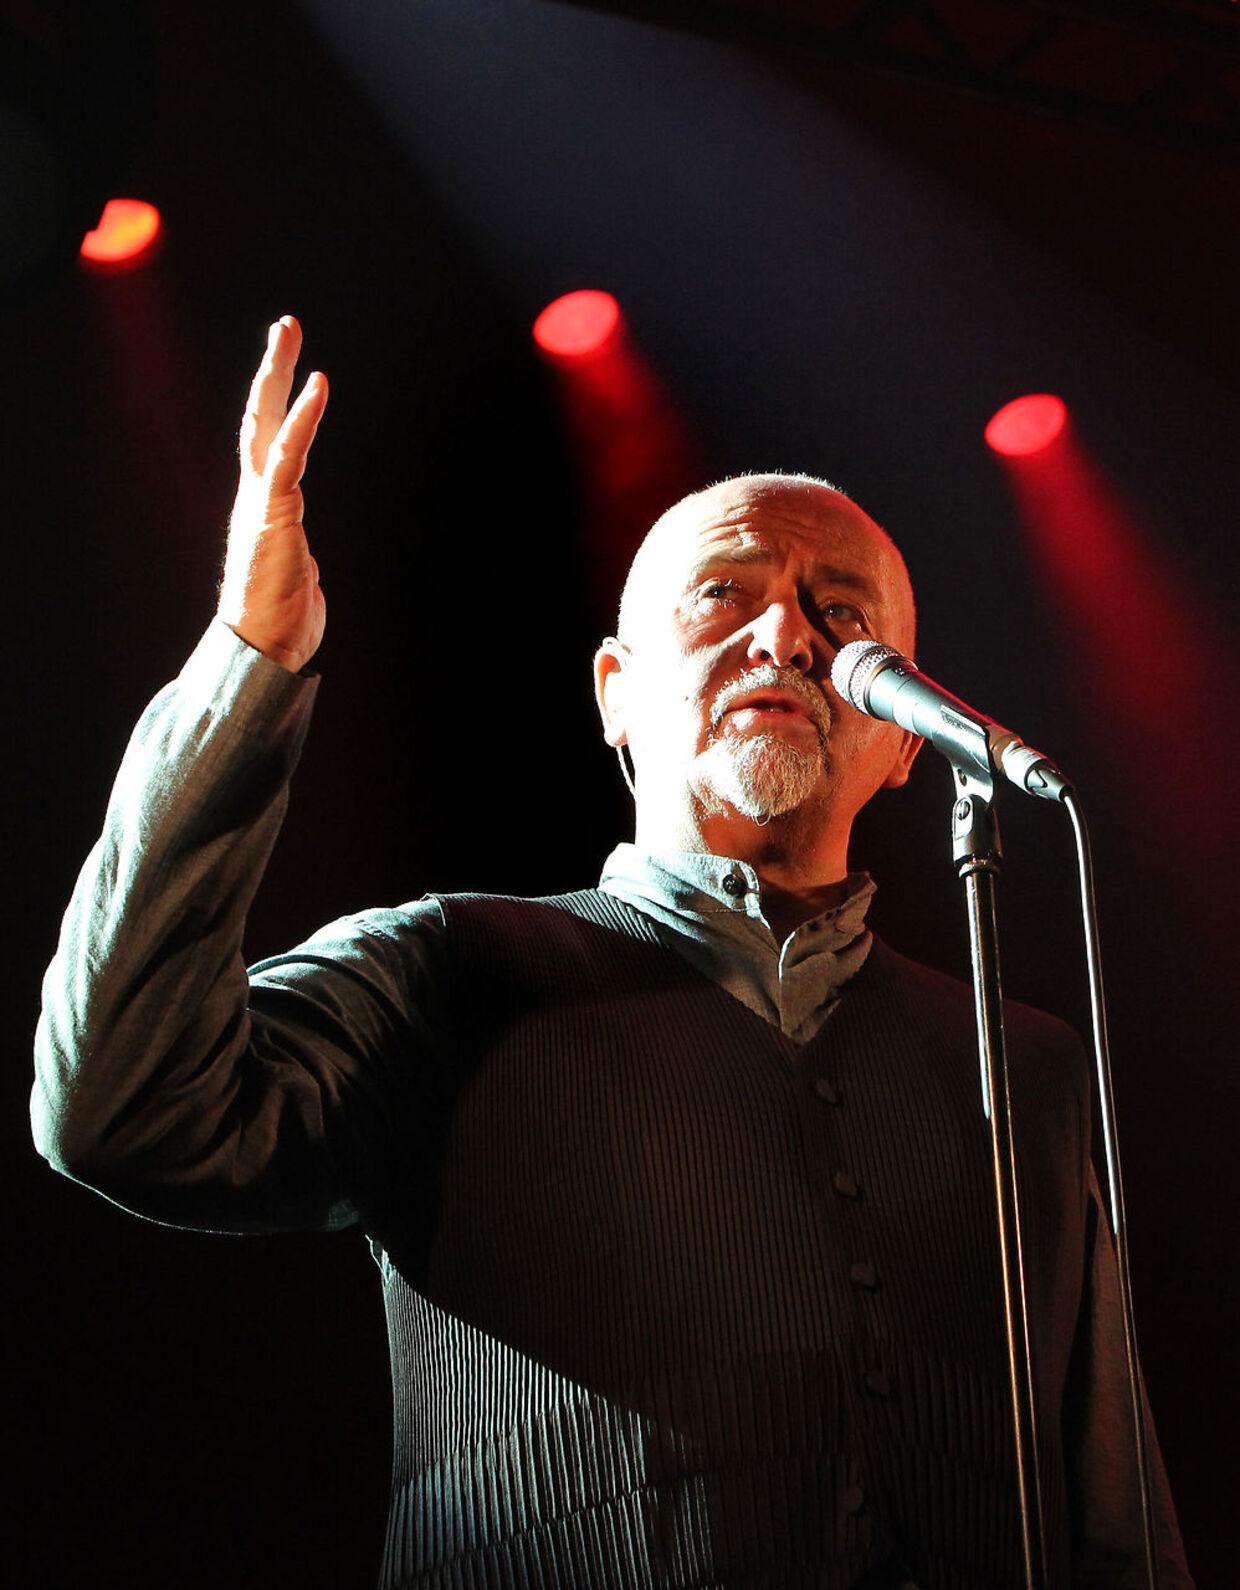 Peter Gabriel var forsanger, da Steve Hacket blev medlem af Genesis. Siden overtog Phil Collins vokal-jobbet, stadig med Hackett som guitarist.